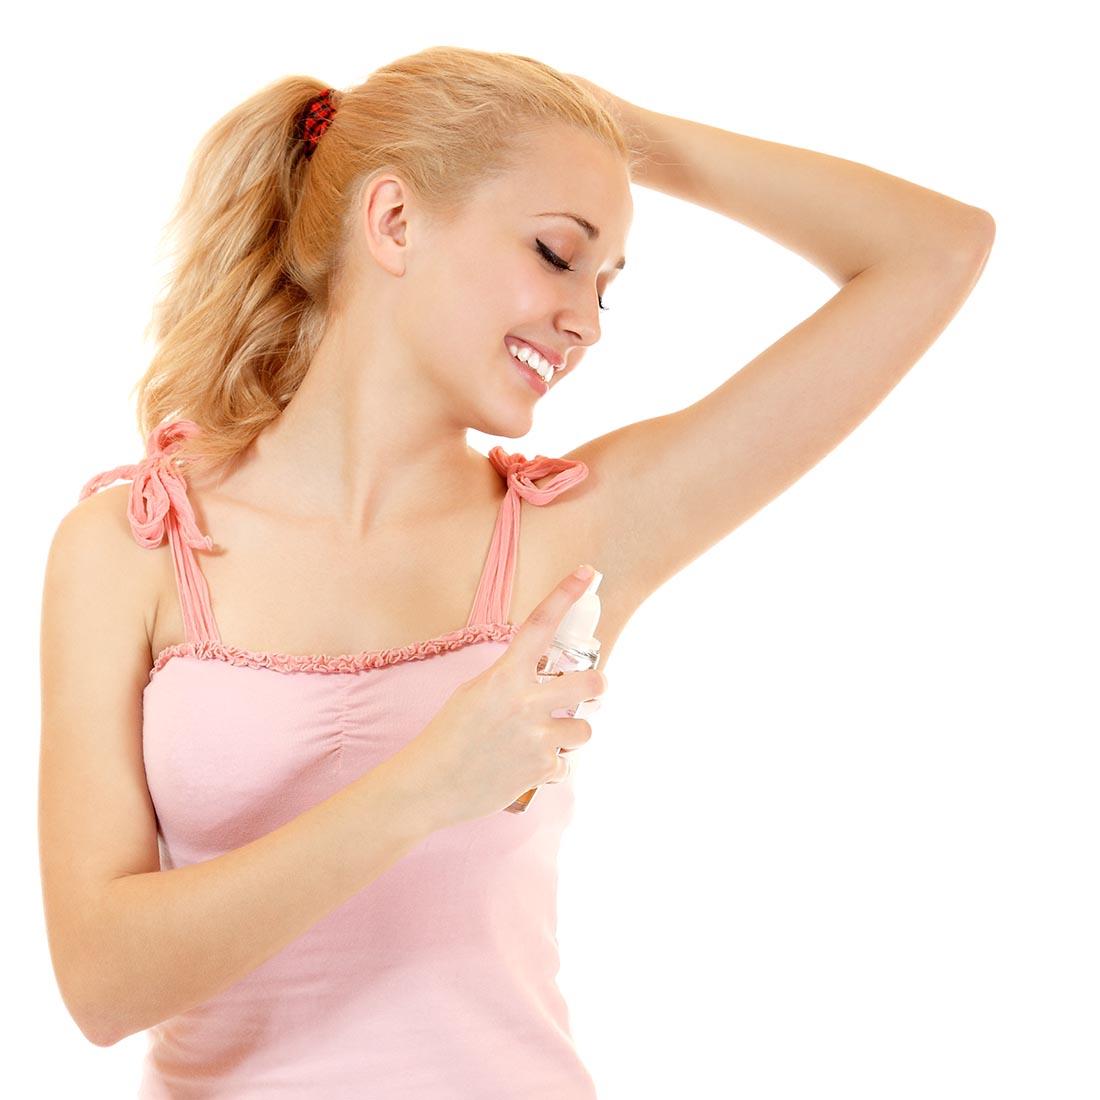 Bakini savjeti Neugodni tjelesni mirisi kako ih izbjeći